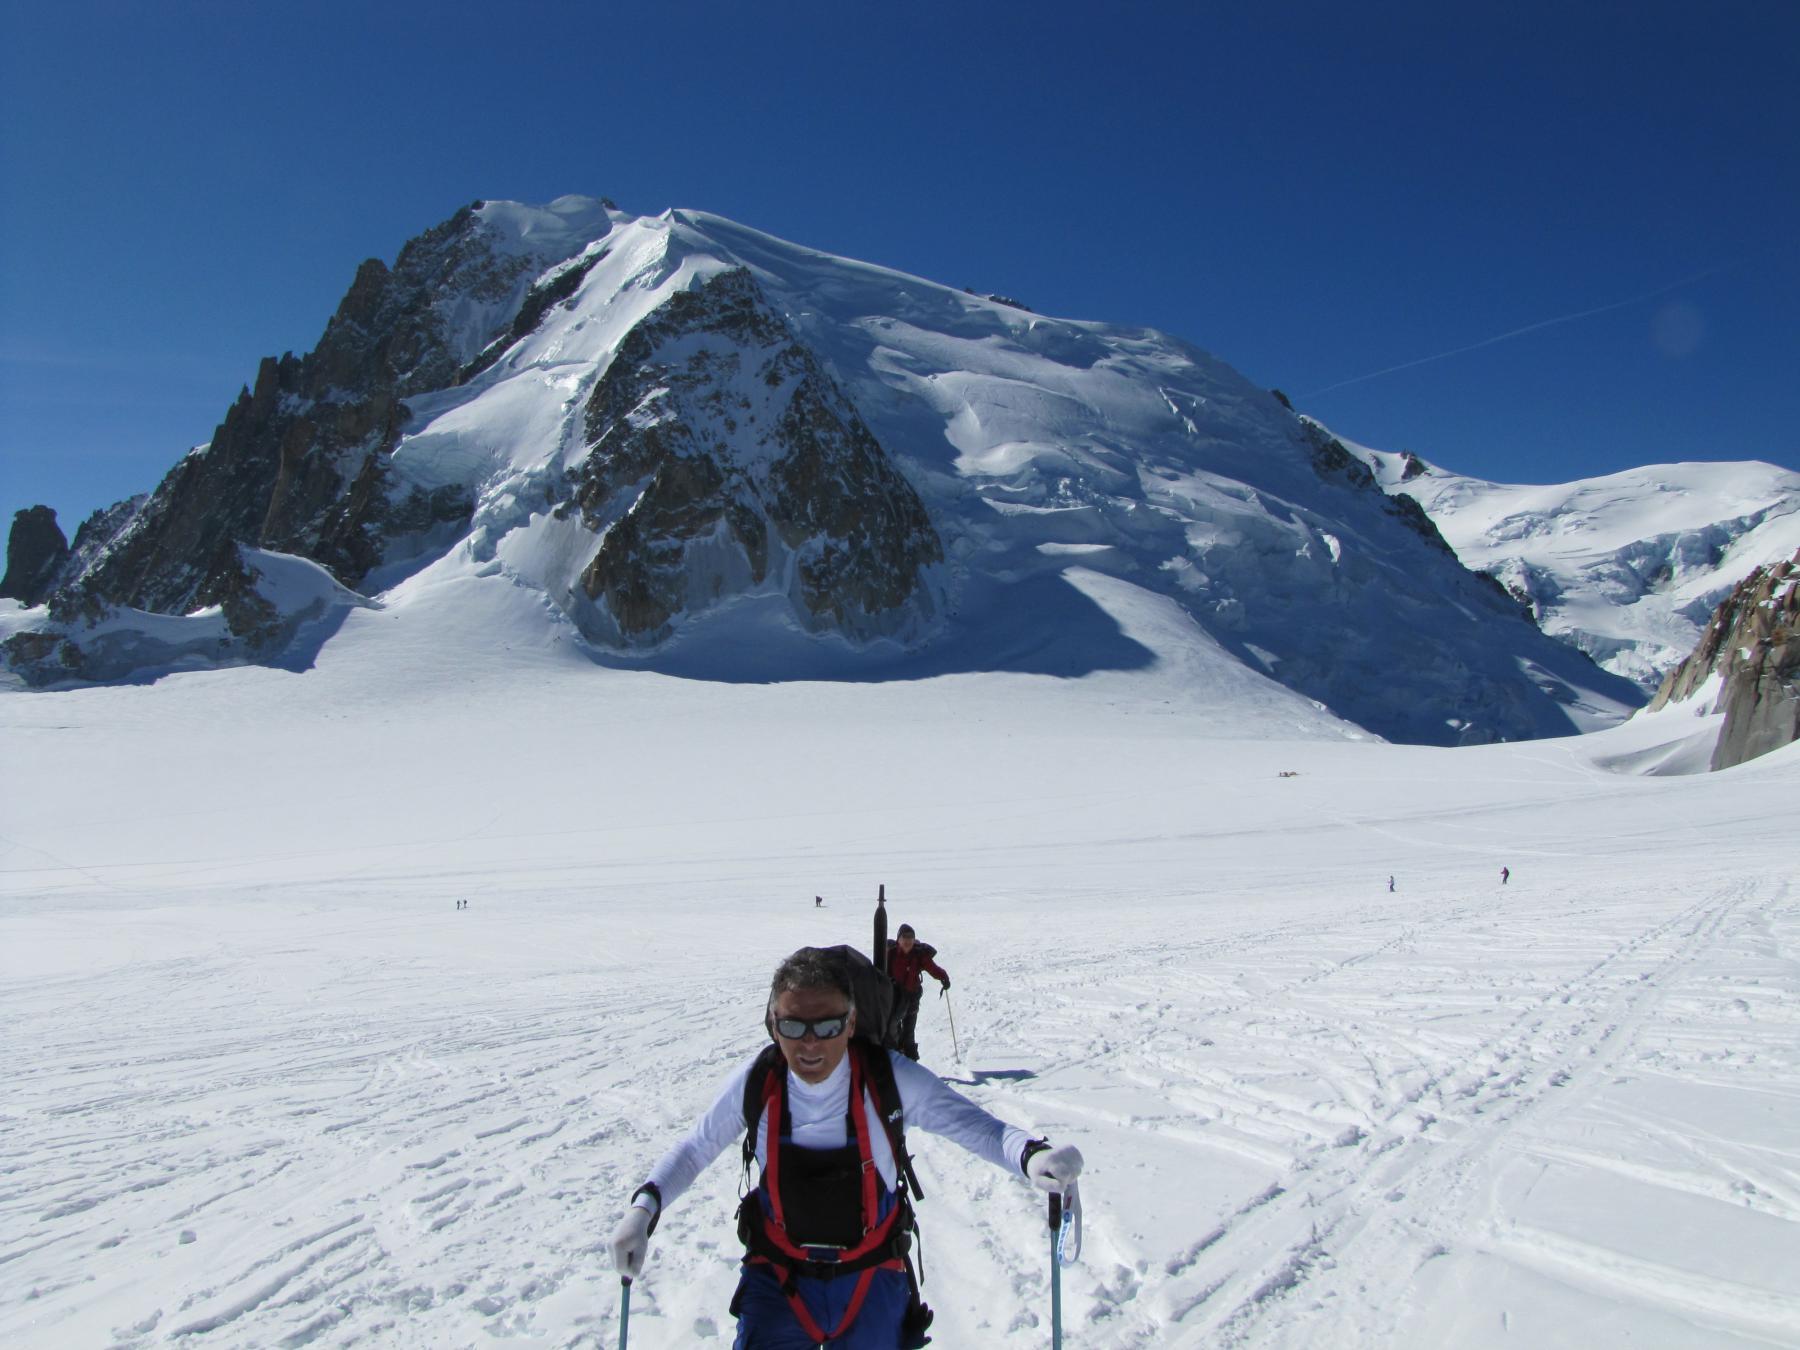 Col du midi e Mont Blanc de Tacul